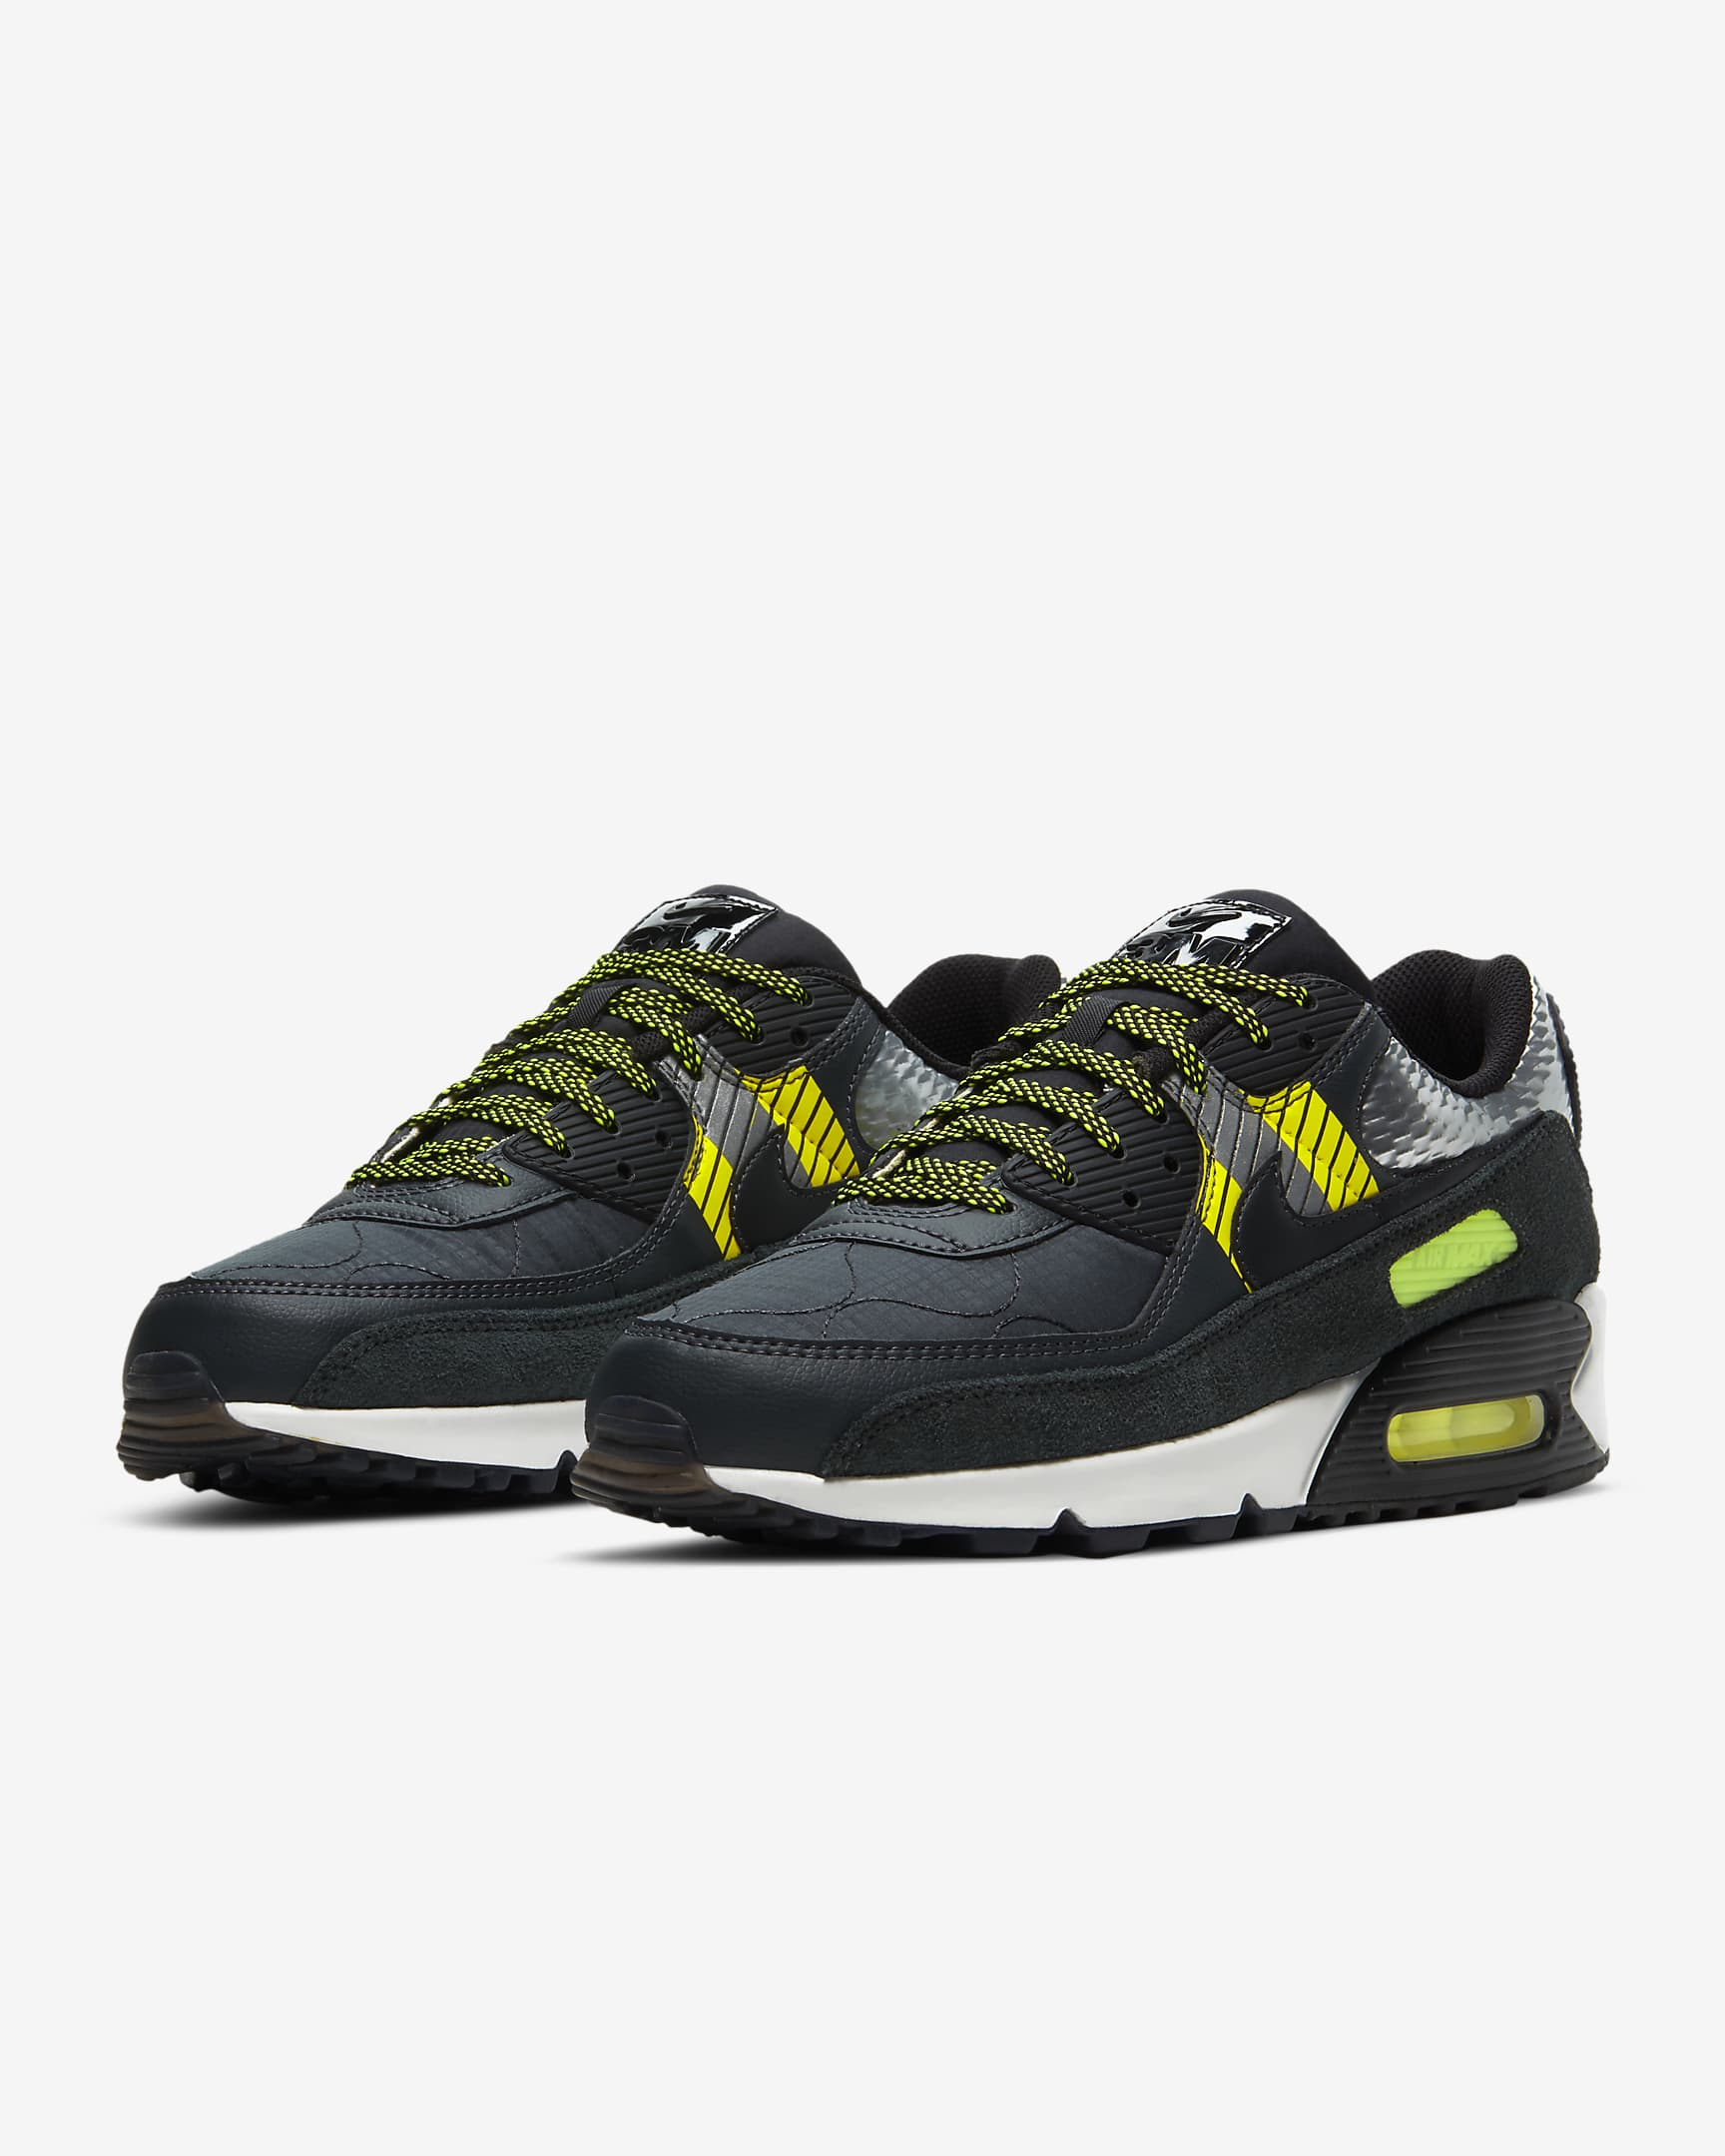 nike air max 3m, sneakers, week 47, nieuwe releases